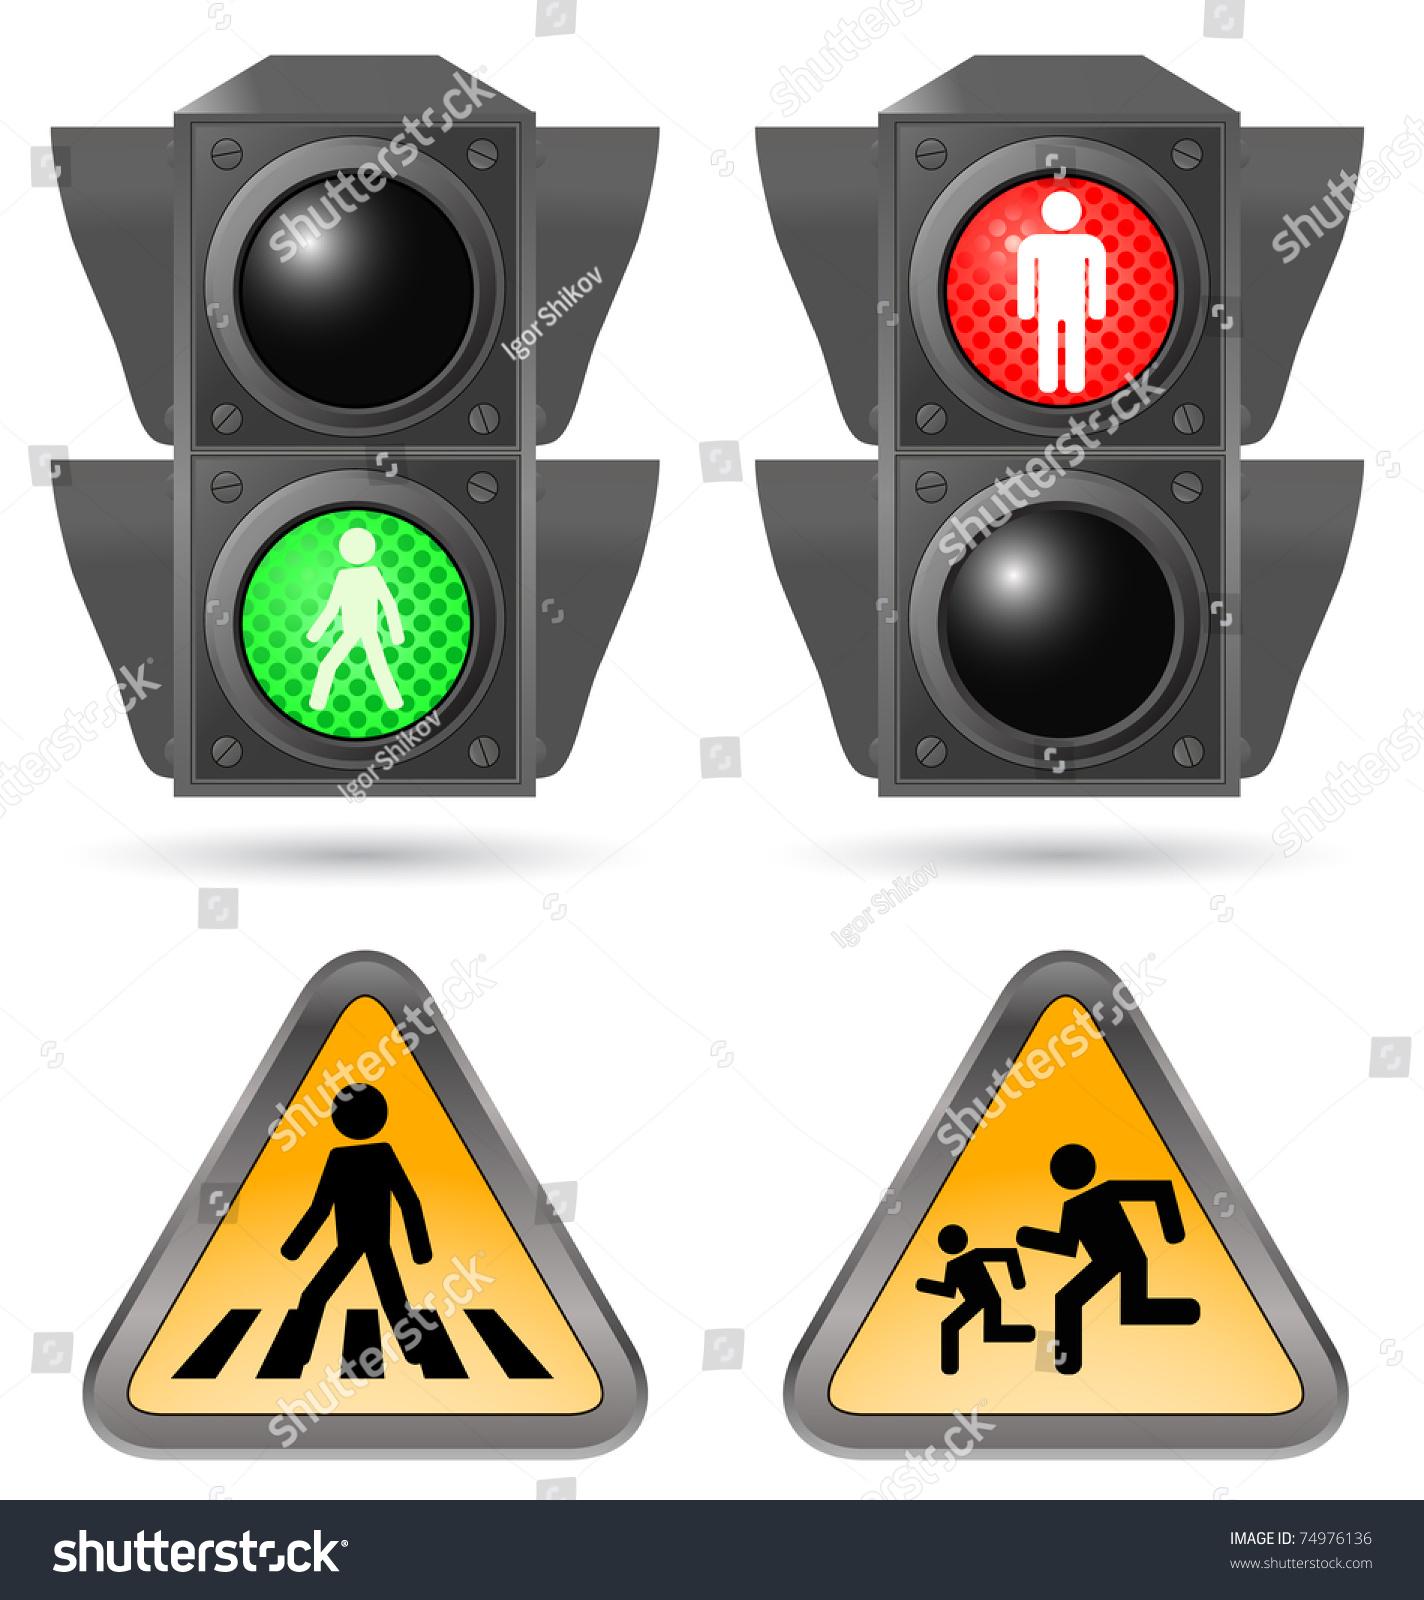 Traffic Light Road Sign Stock Vector 74976136 - Shutterstock